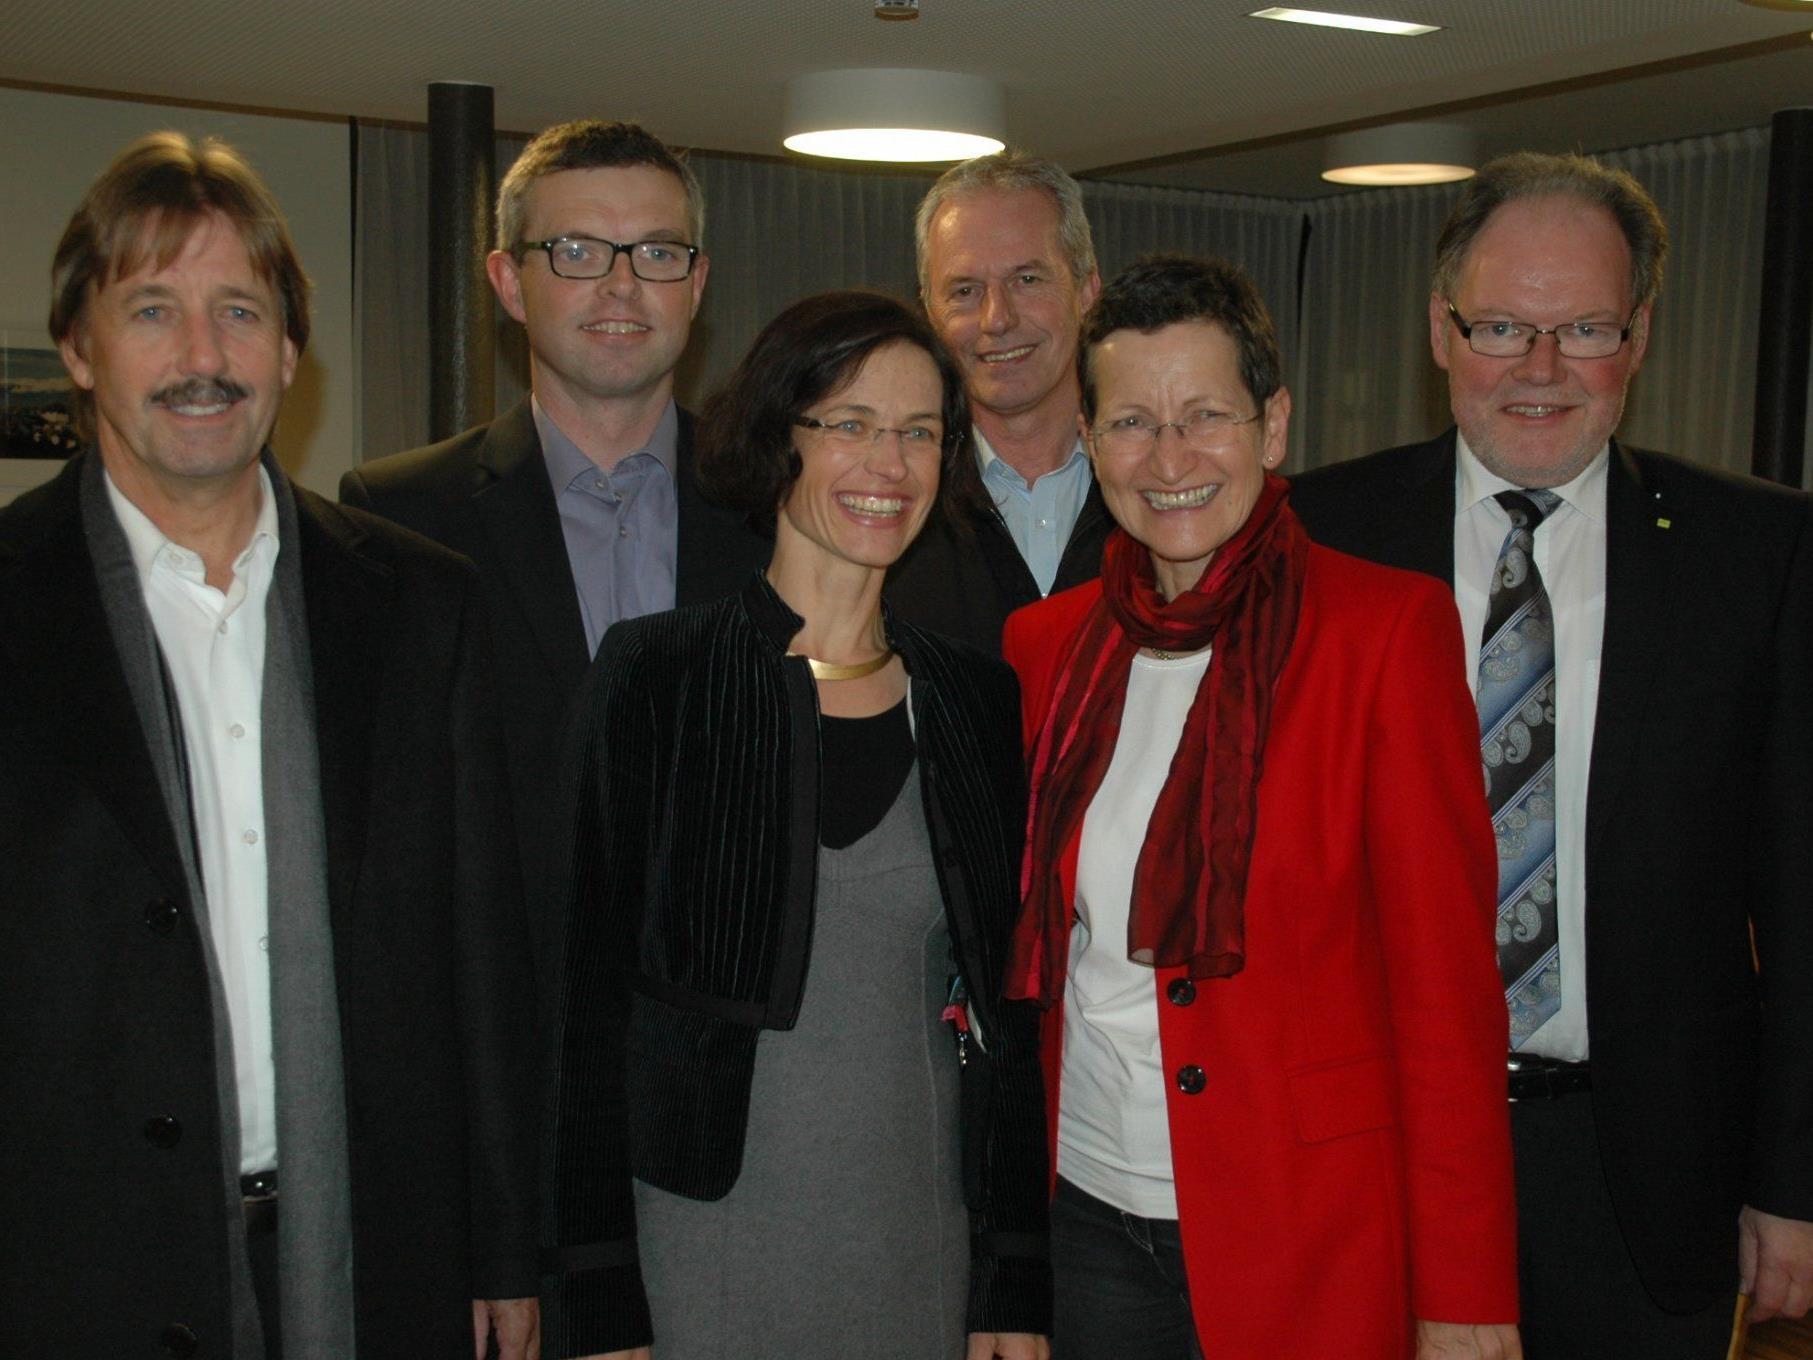 F. Maierhofer, M. Herburger, R. Weiskopf, G. Brändle, LR G. Schmid & W. Huber bei d. Eröffnung